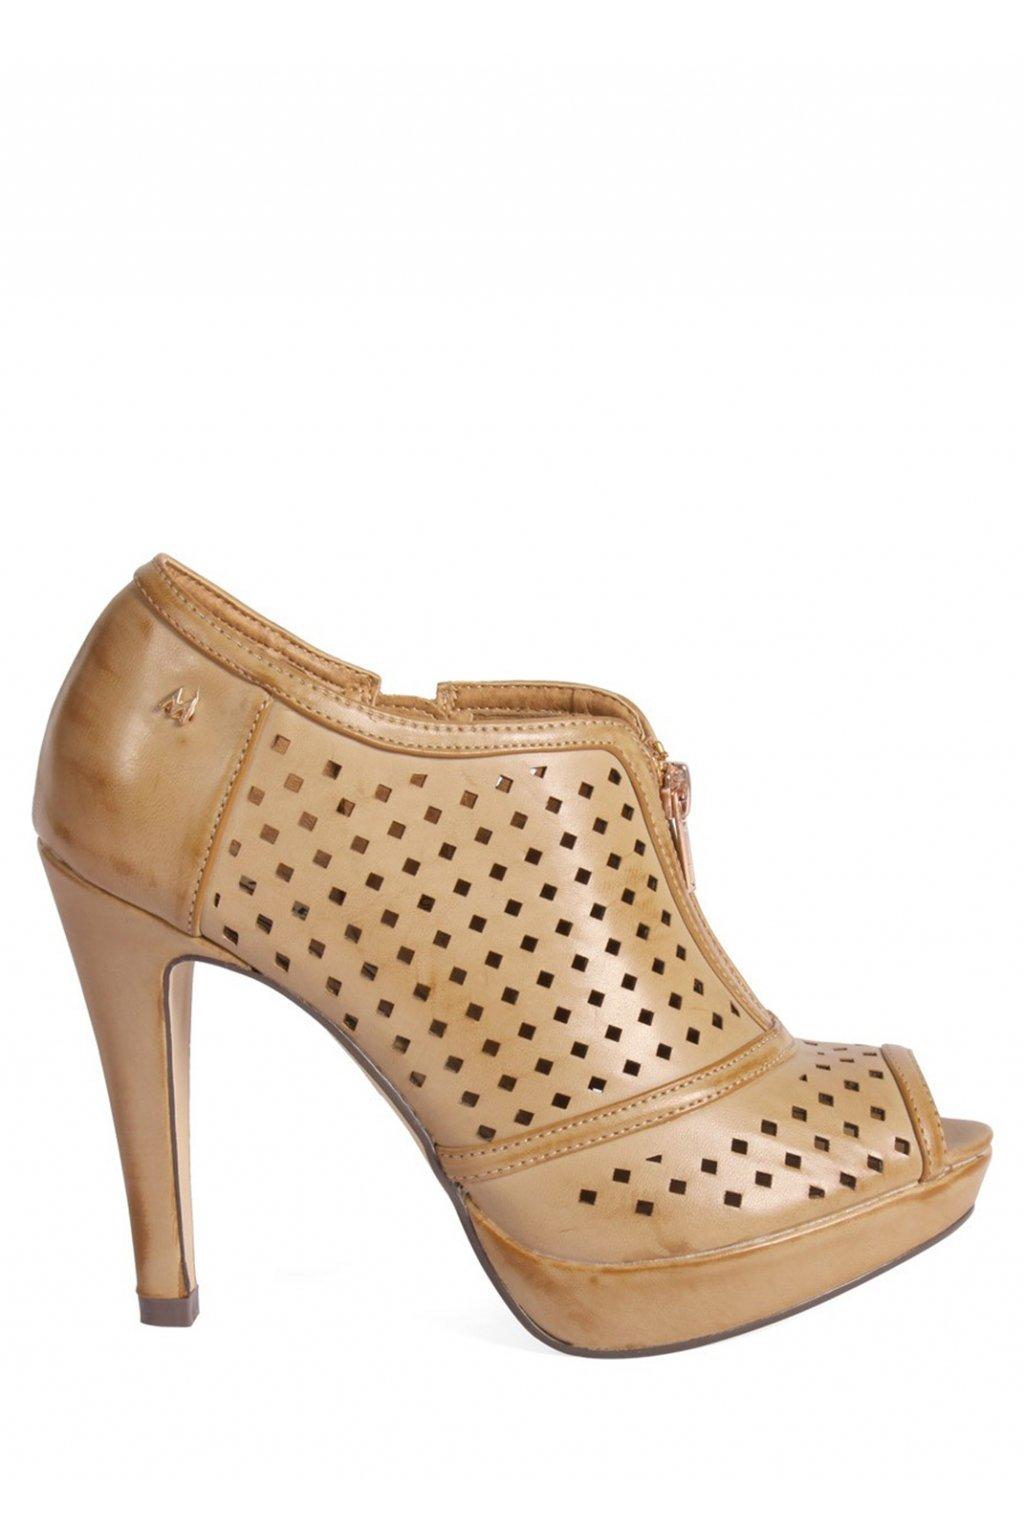 Hnědé děrované boty na podpatku MARIA MARE